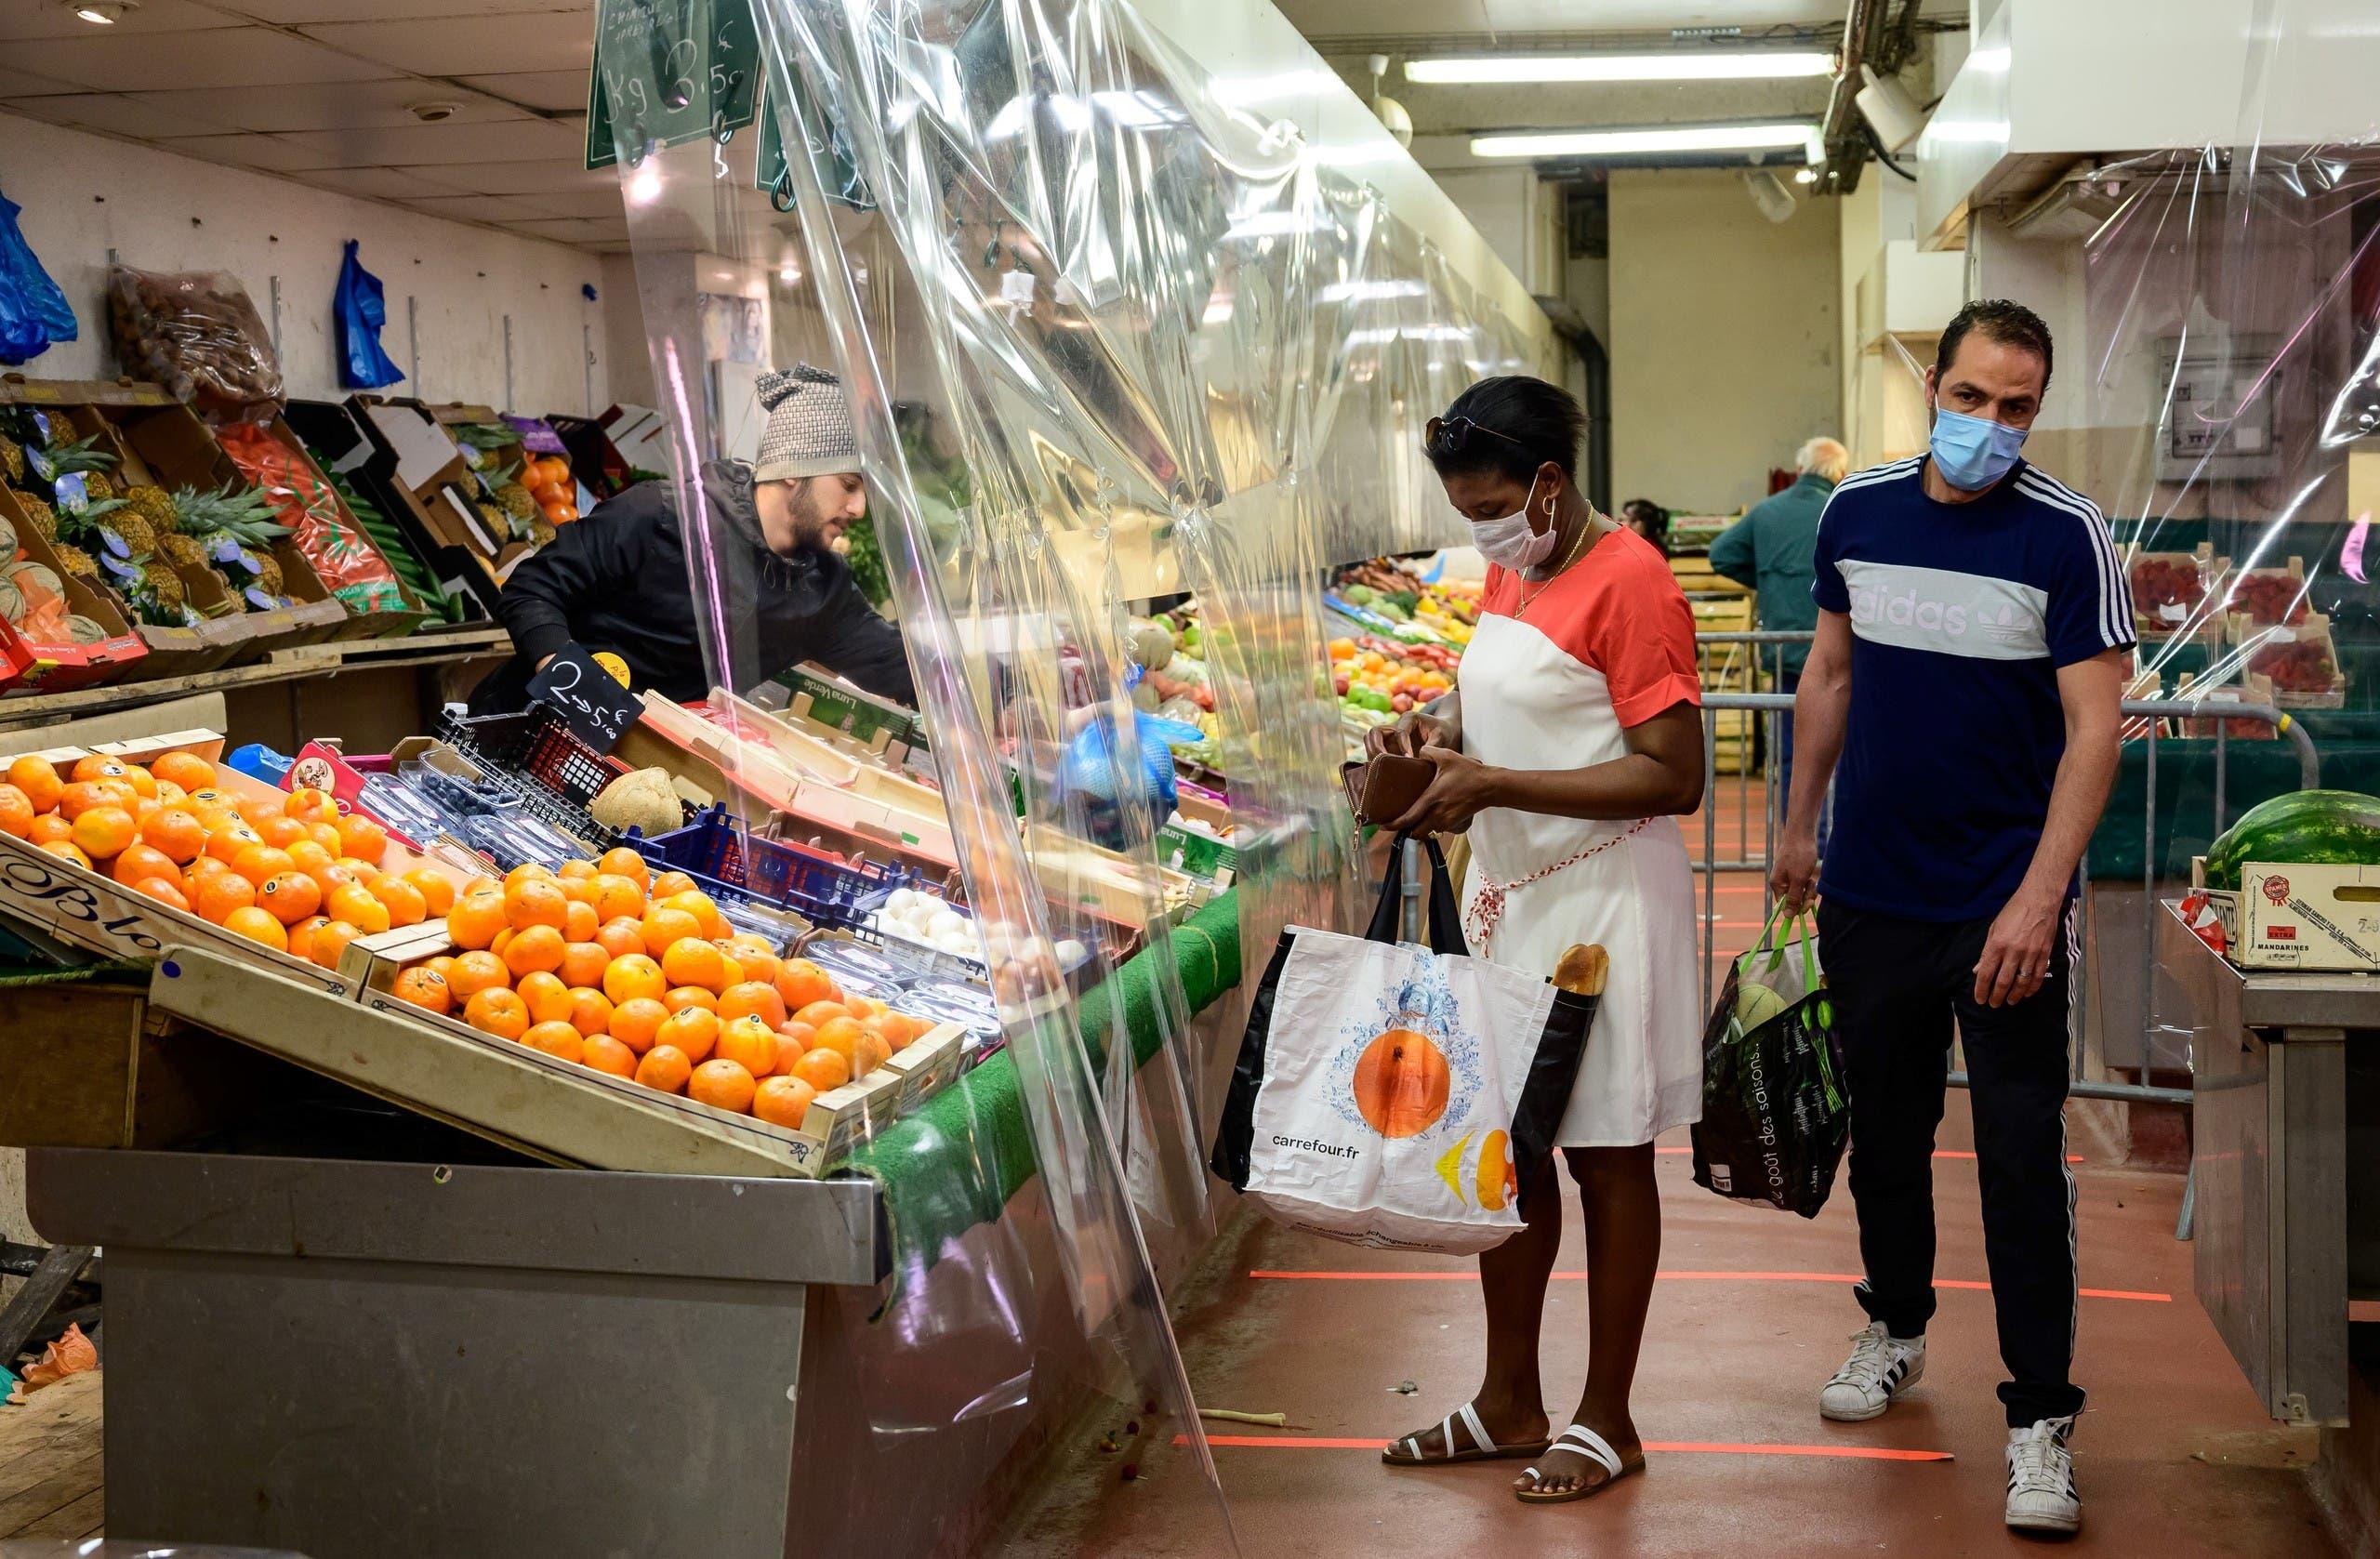 أشخاص بسوق الخضر يضعون كمامات للوقاية من كورونا